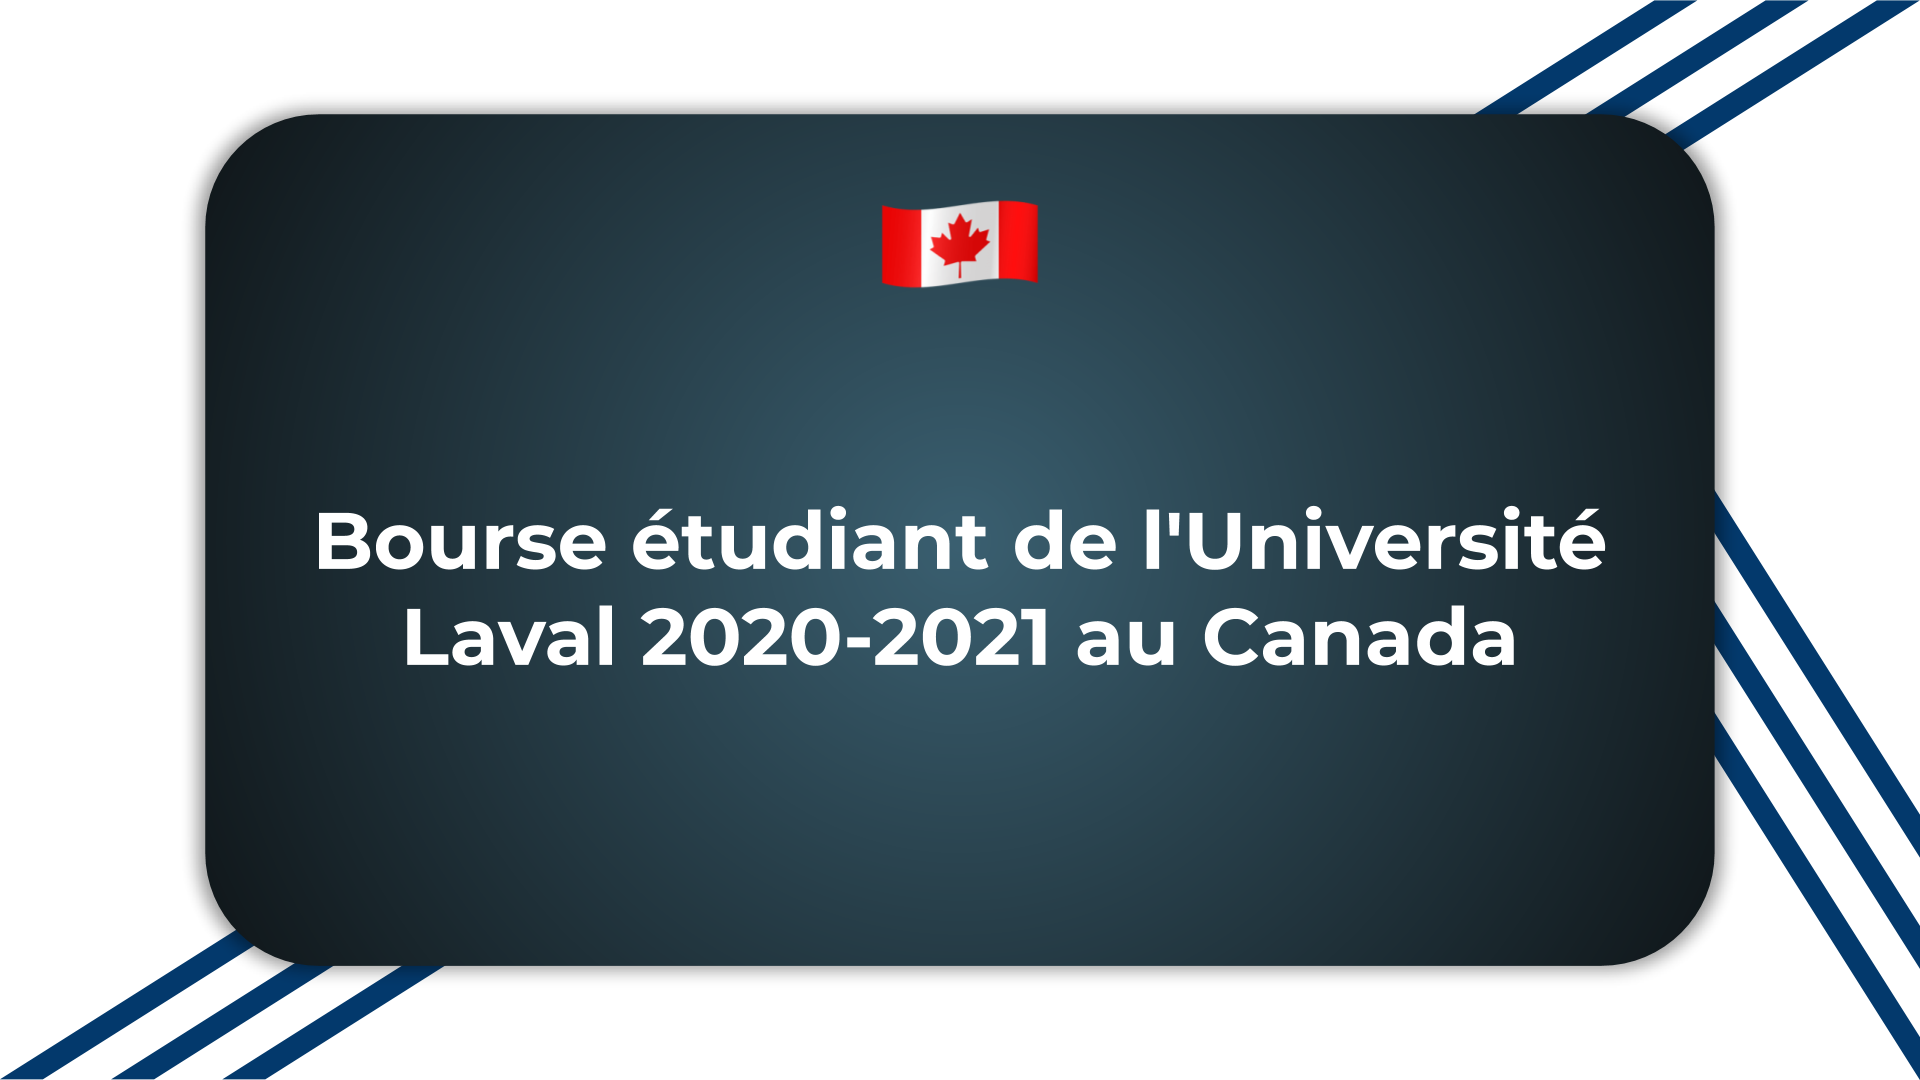 Bourse étudiant de l'Université Laval